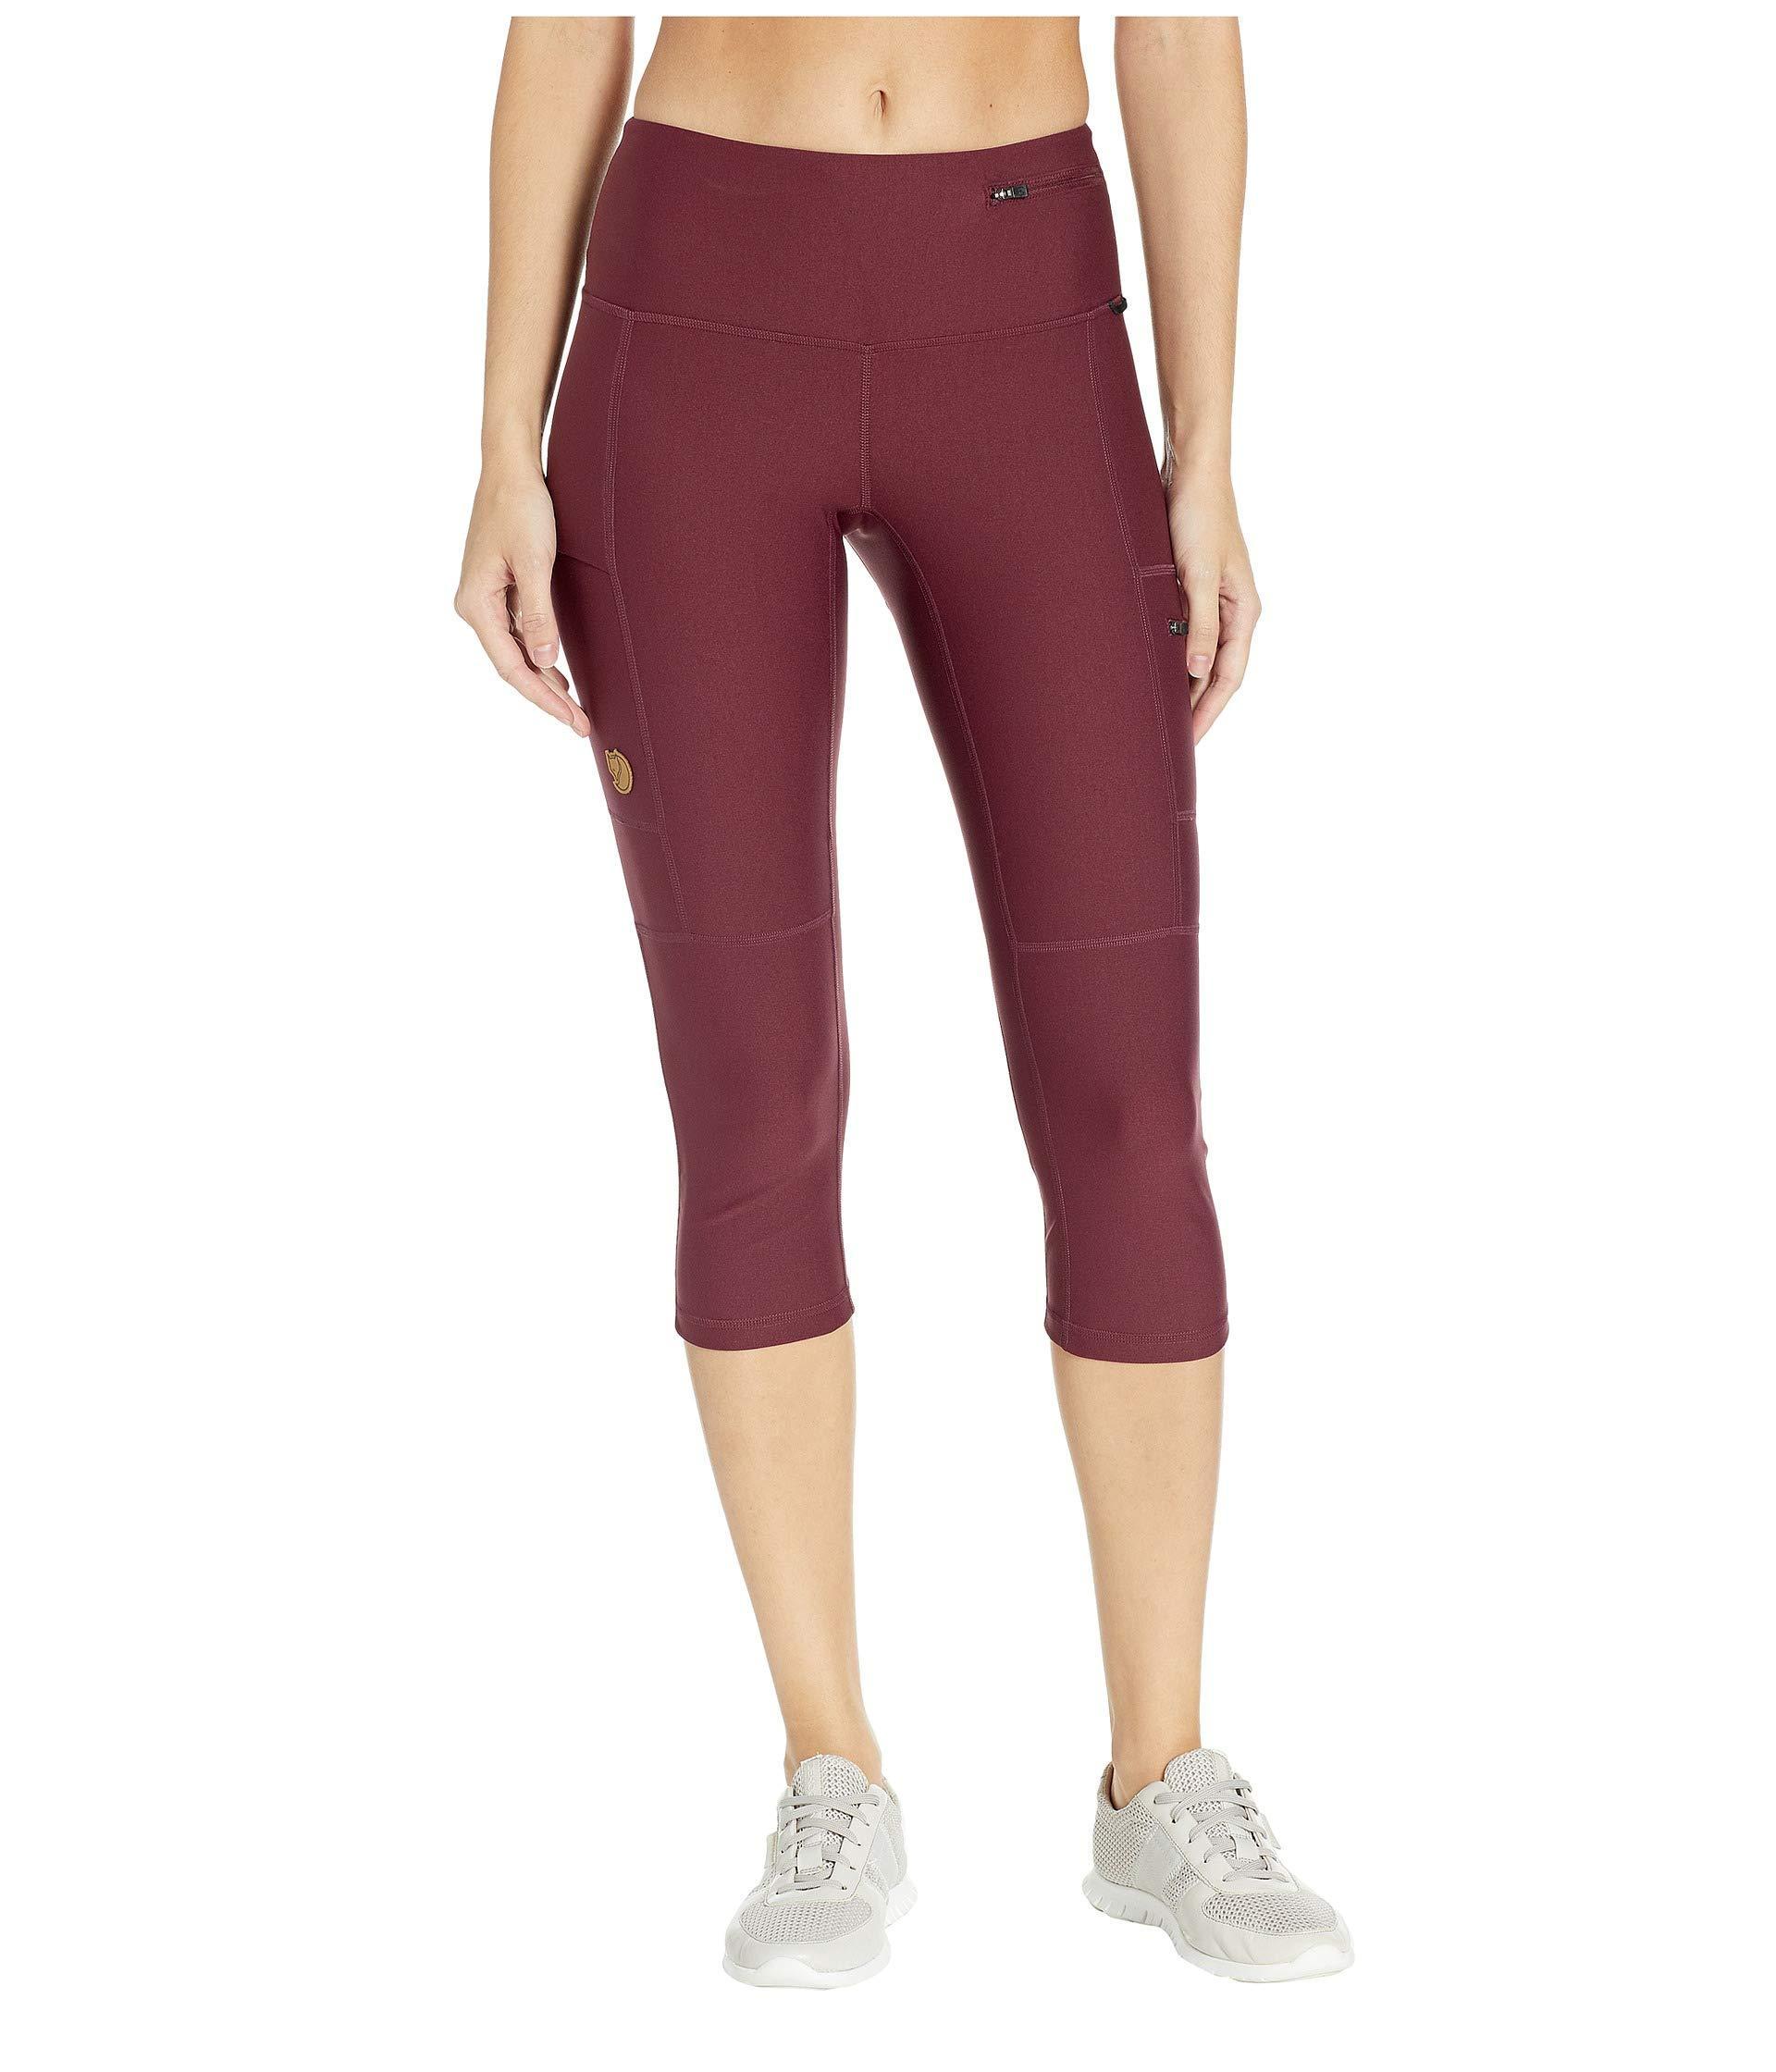 4b7431d788d6a Fjallraven Abisko Trek Tights 3/4 (dark Grey) Women's Workout in Red ...